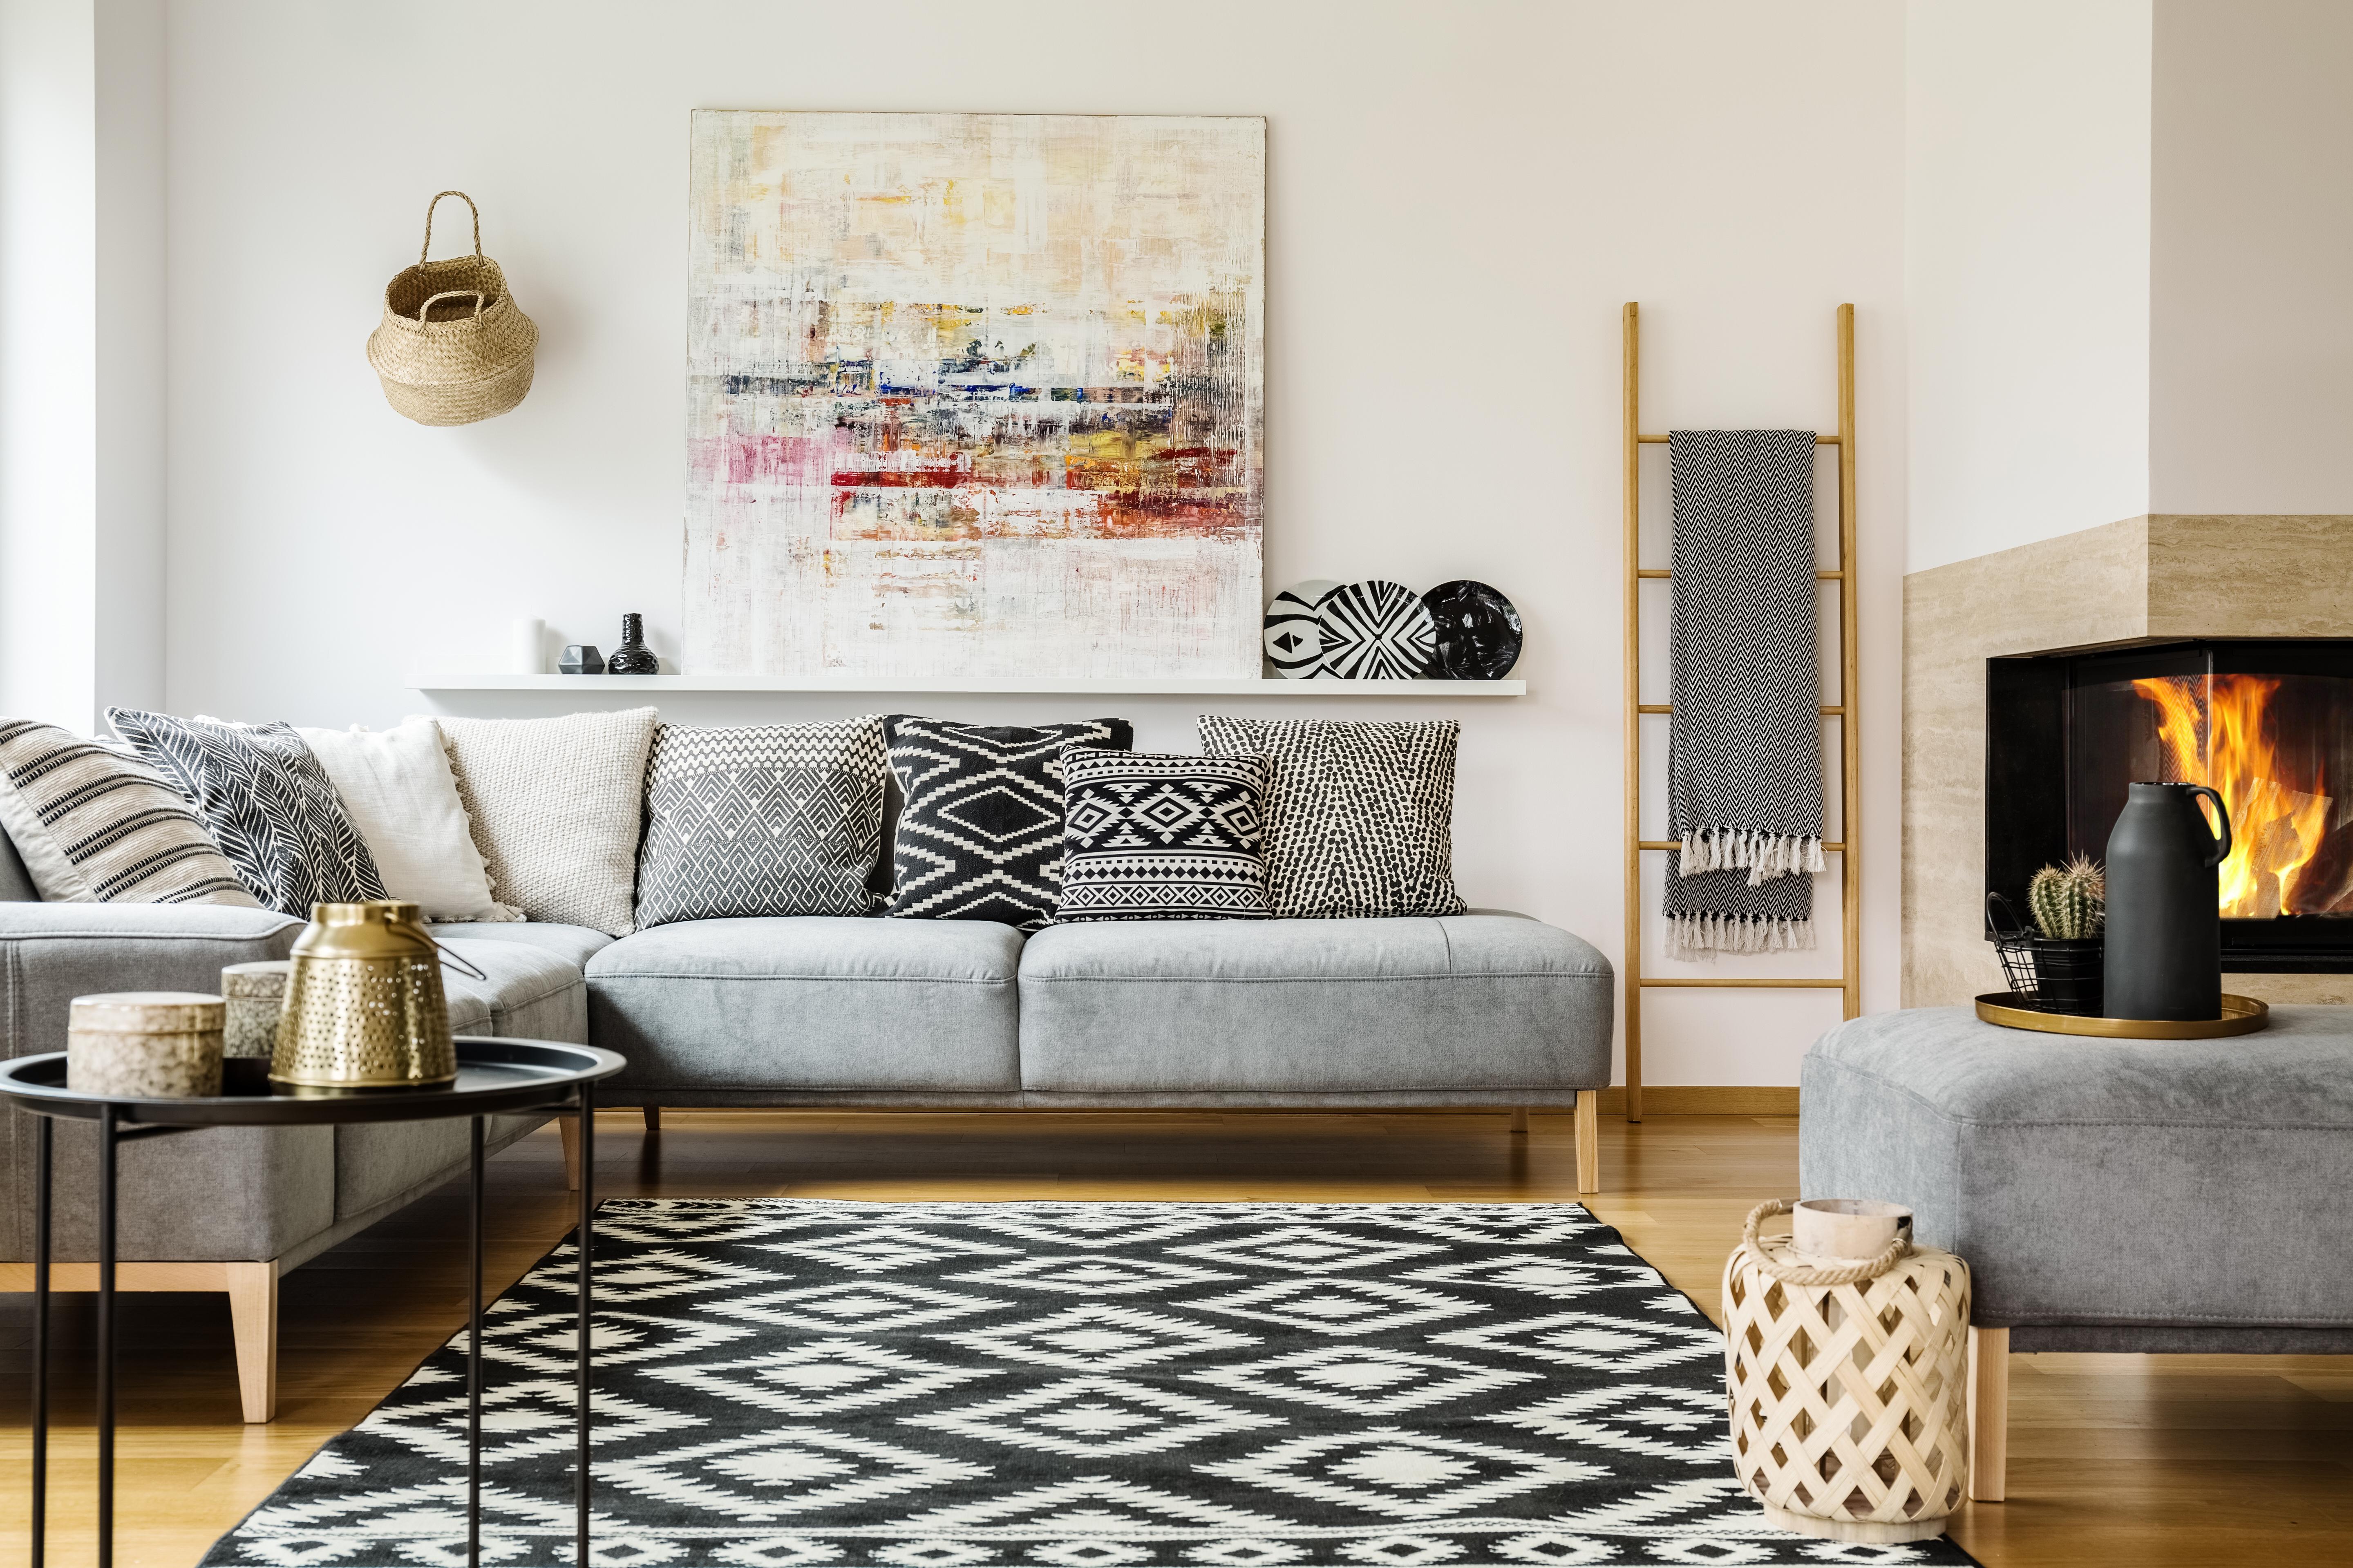 (P) Nu știi cum să alegi culorile pentru casa ta? Iată 3 tehnici simple pentru un decor spectaculos